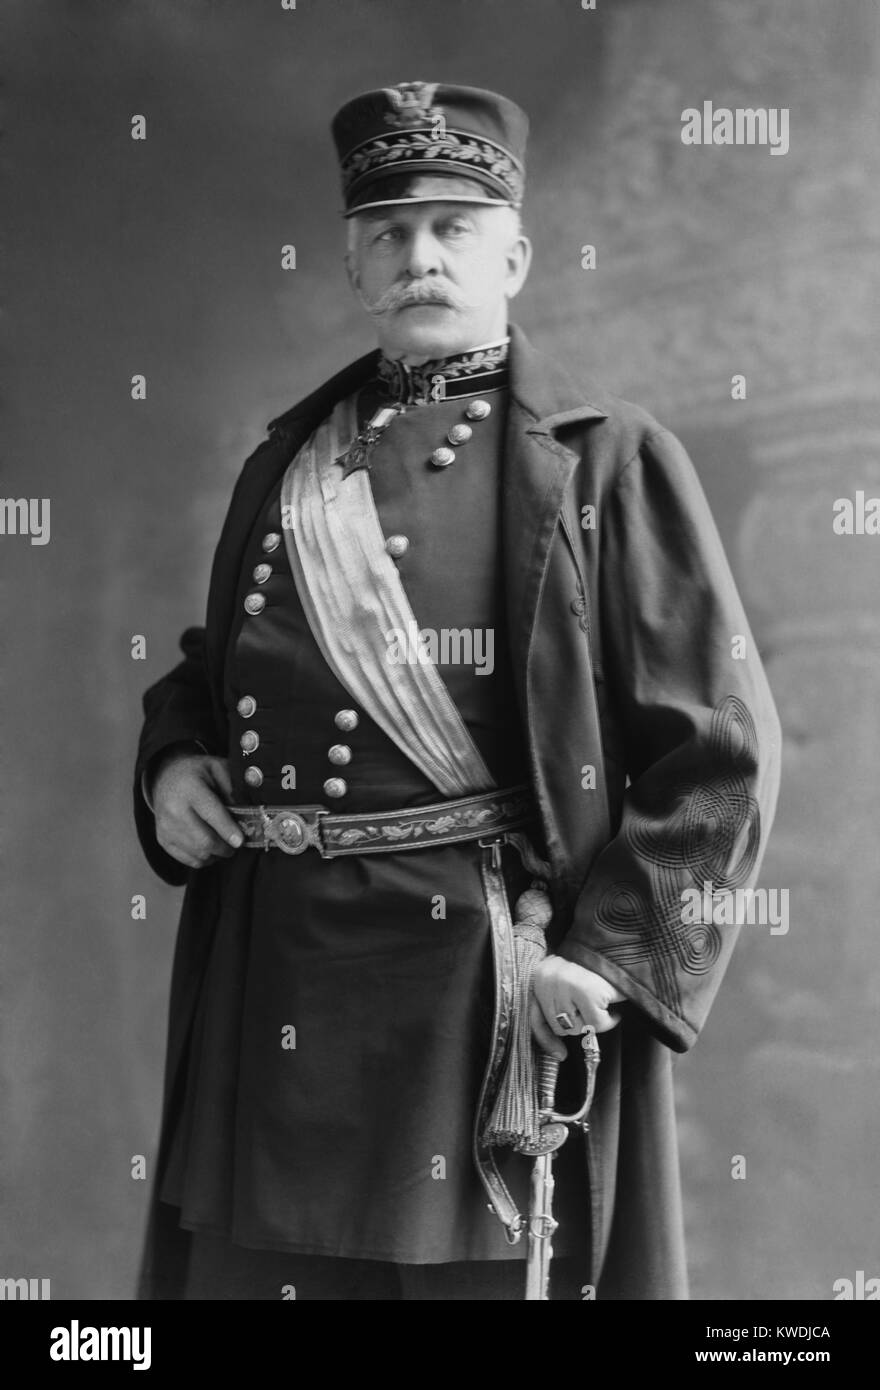 Gen. Nelson miglia, aveva ambizioni presidenziali dopo la vittoria nella guerra ispano-americana. Egli ha stabilito Immagini Stock